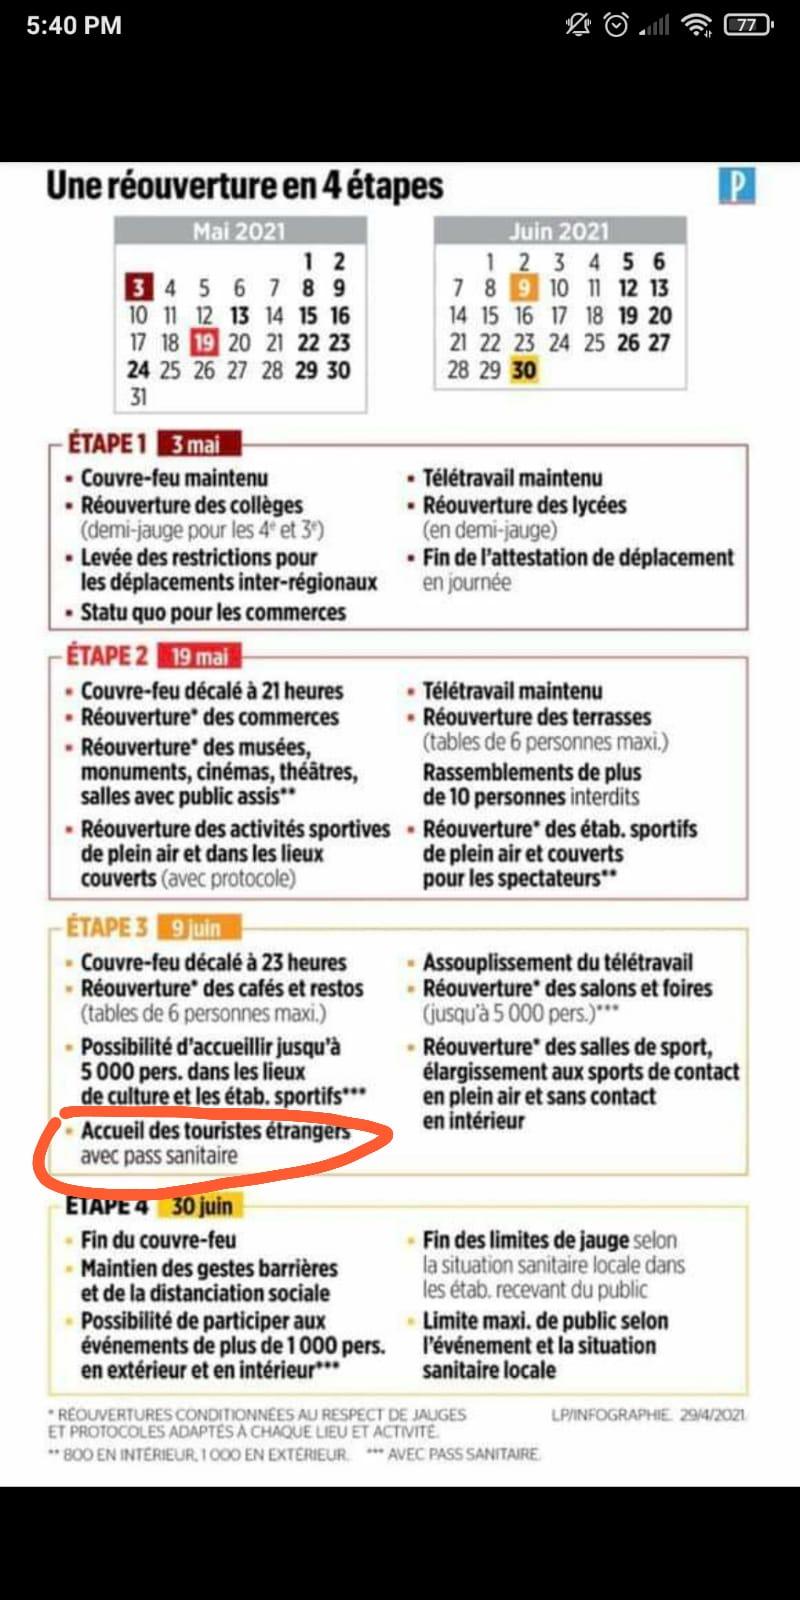 La France déconfine en 4 étapes